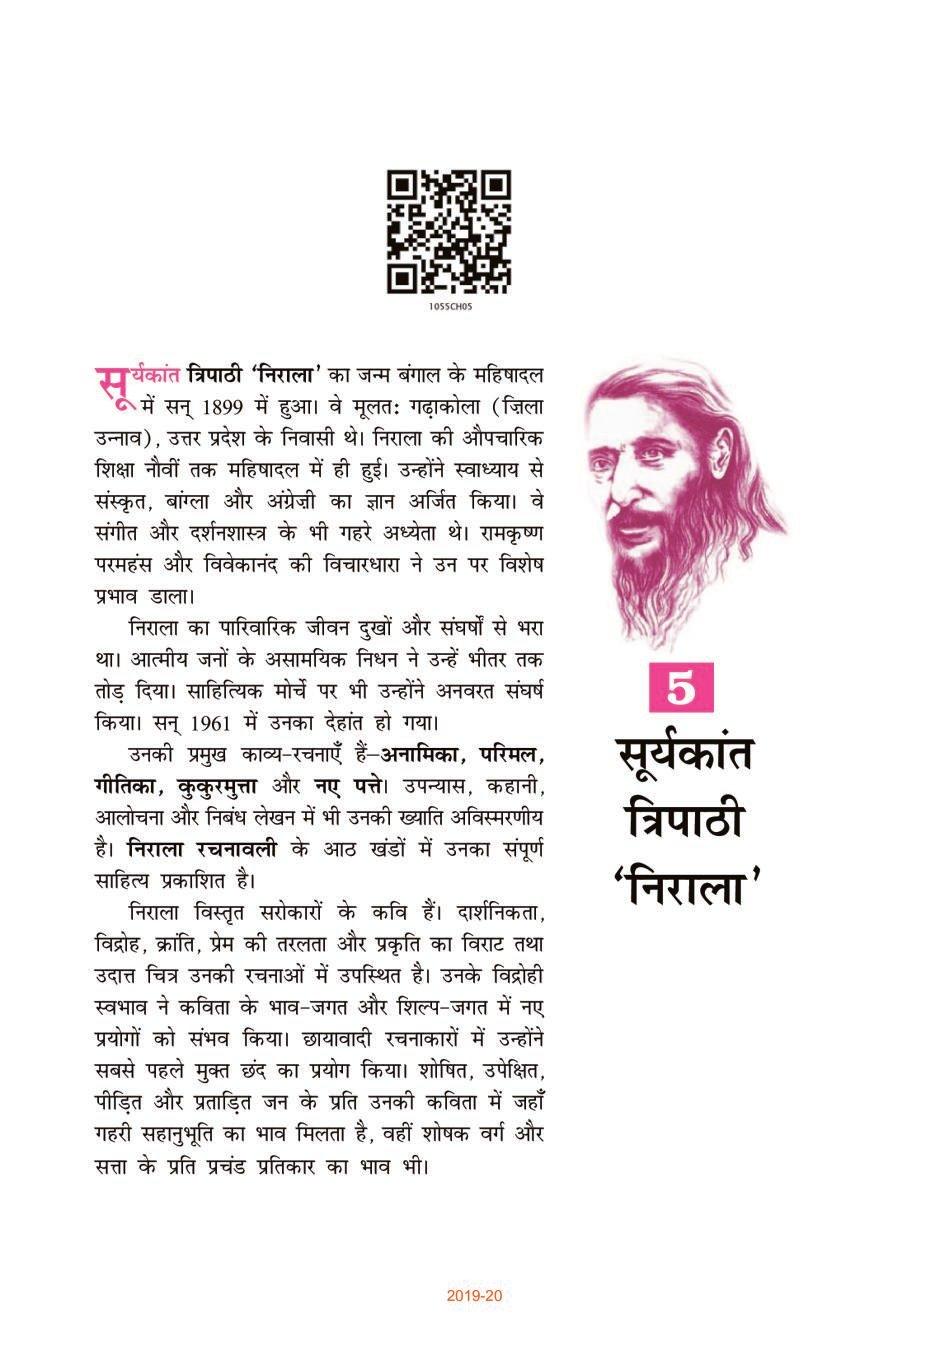 NCERT Book Class 10 Hindi (क्षितिज) Chapter 5 सूर्यकांत त्रिपाठी 'निराला' - Page 1